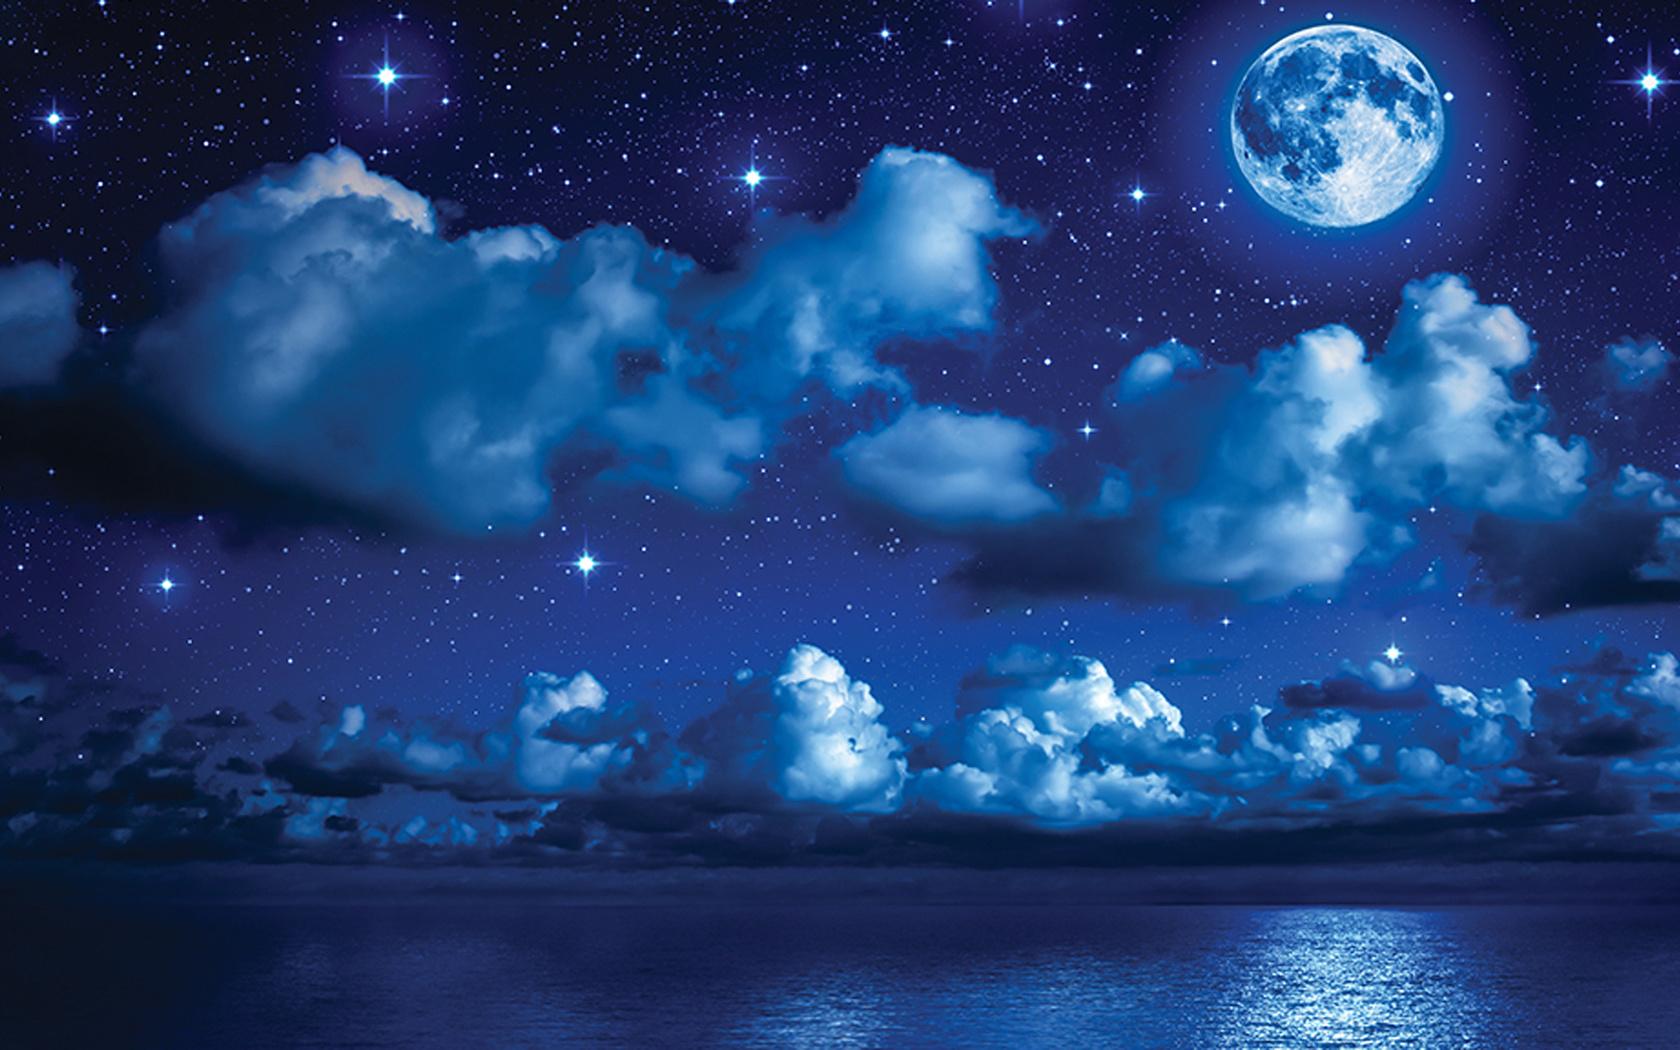 Ночное небо с луной и звездами картинка